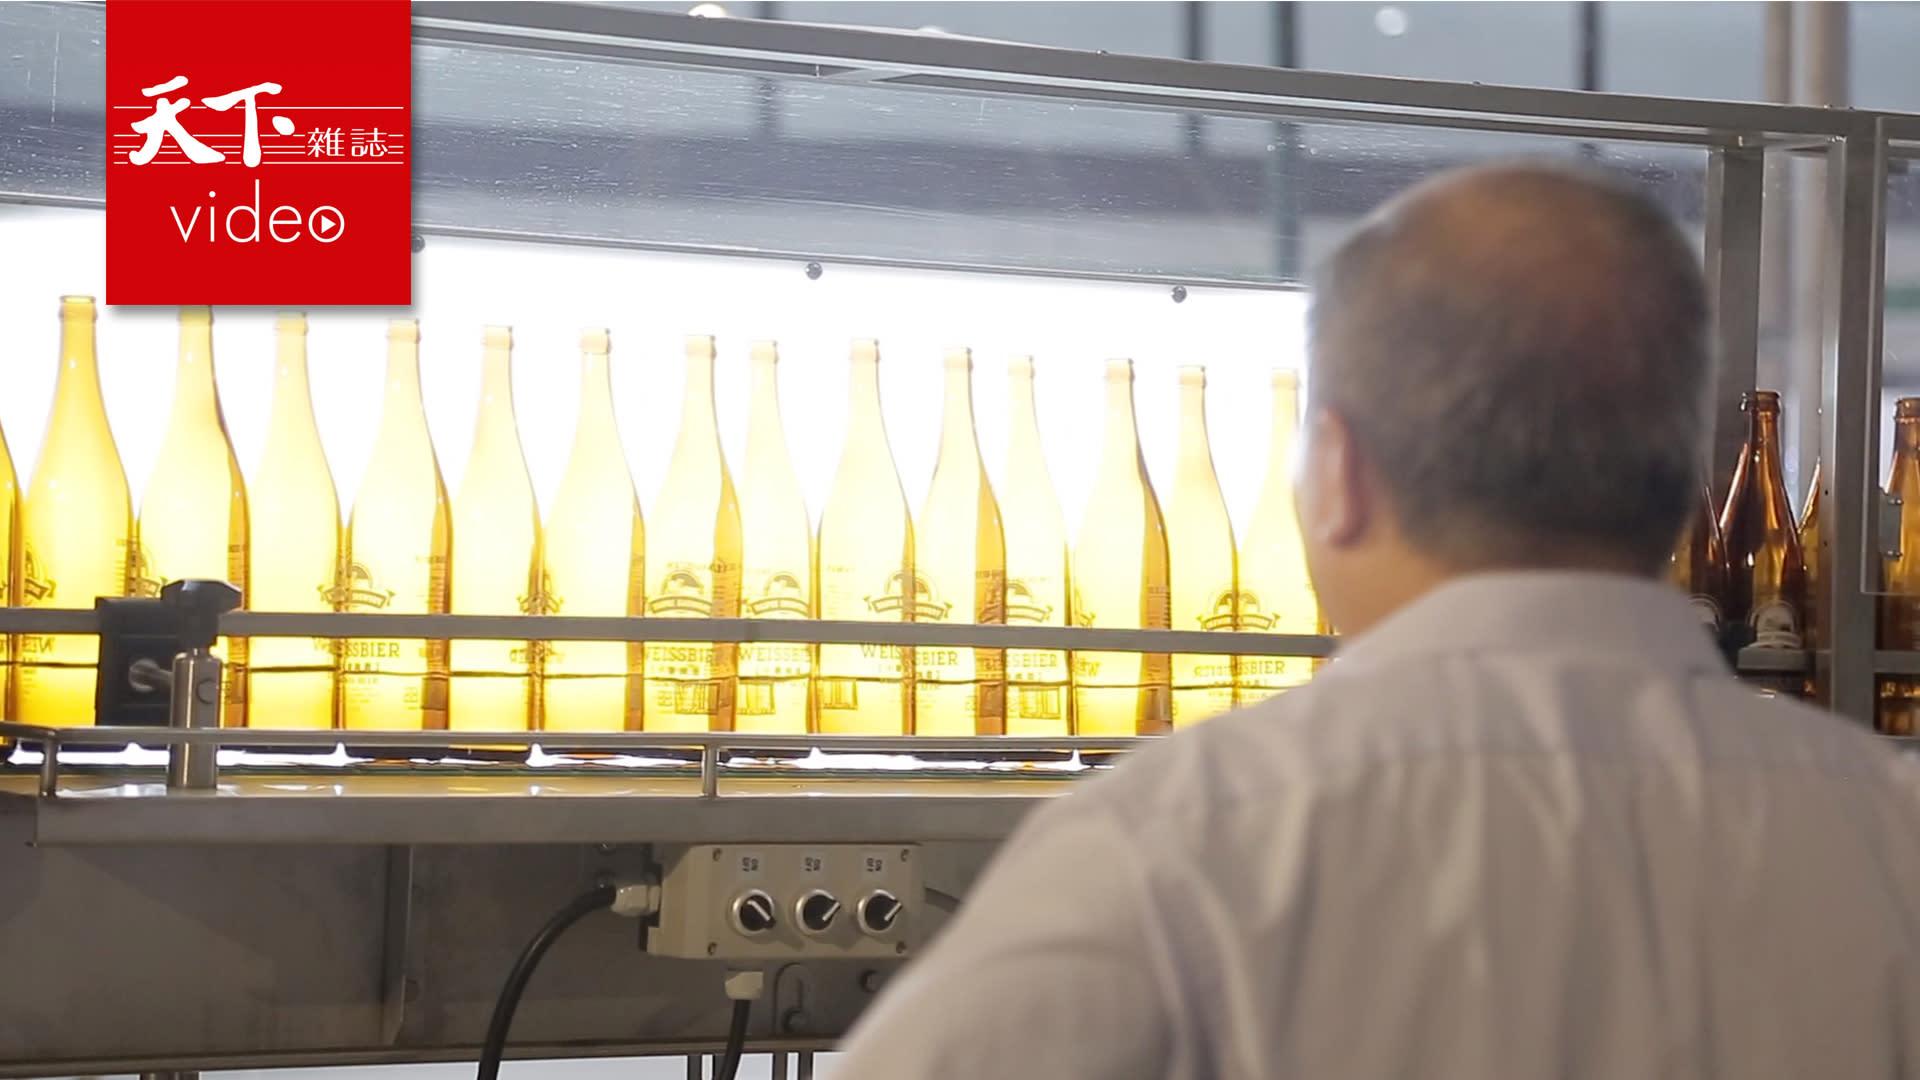 台日酒廠解密 台灣人喝啤酒習慣